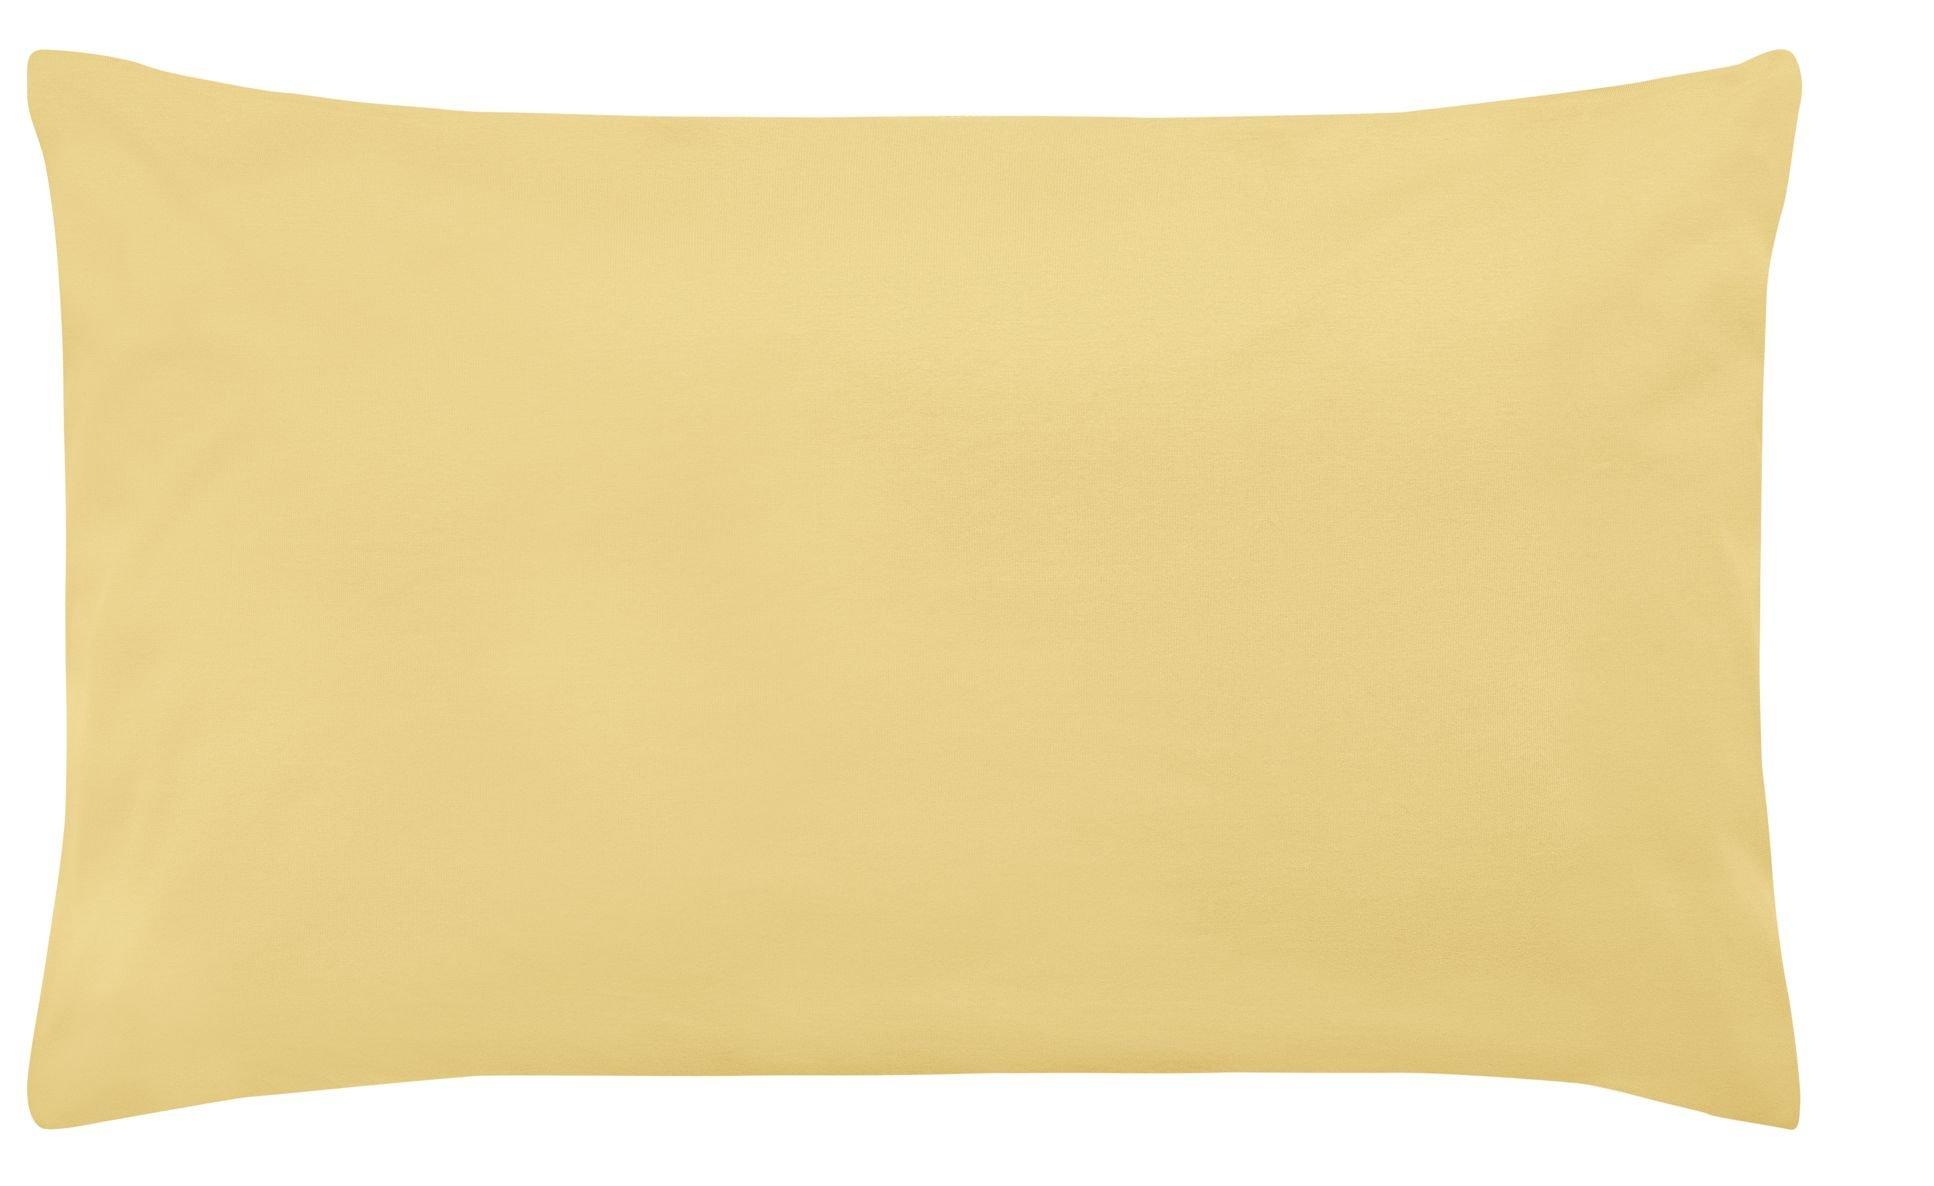 K.-Bezug gelb 40x60cm